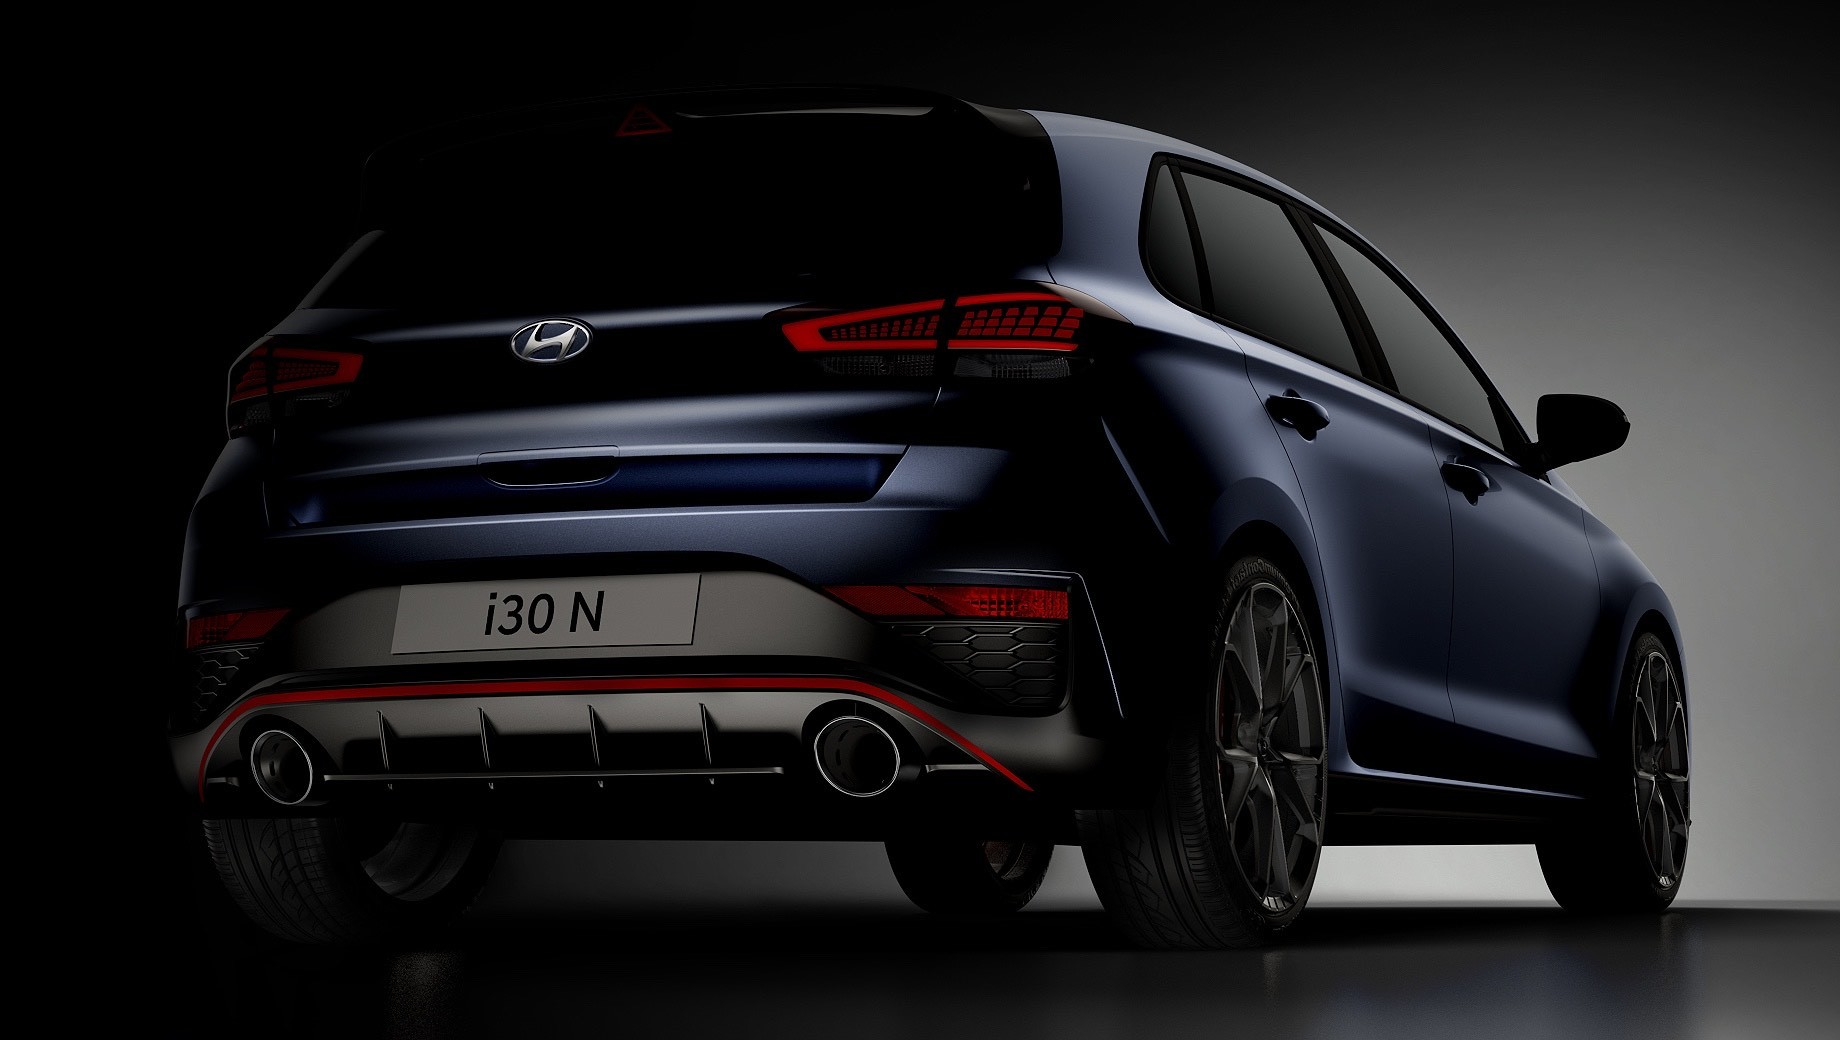 Hyundai i30 пережил рестайлинг несколько месяцев назад, но «горячий хэтчбек» i30 N пока лишь готовится к модернизации: появились первые тизеры новинки. Как и стандартная модель, хот-хэтч получит иные бамперы, радиаторную решётку и диодную оптику.